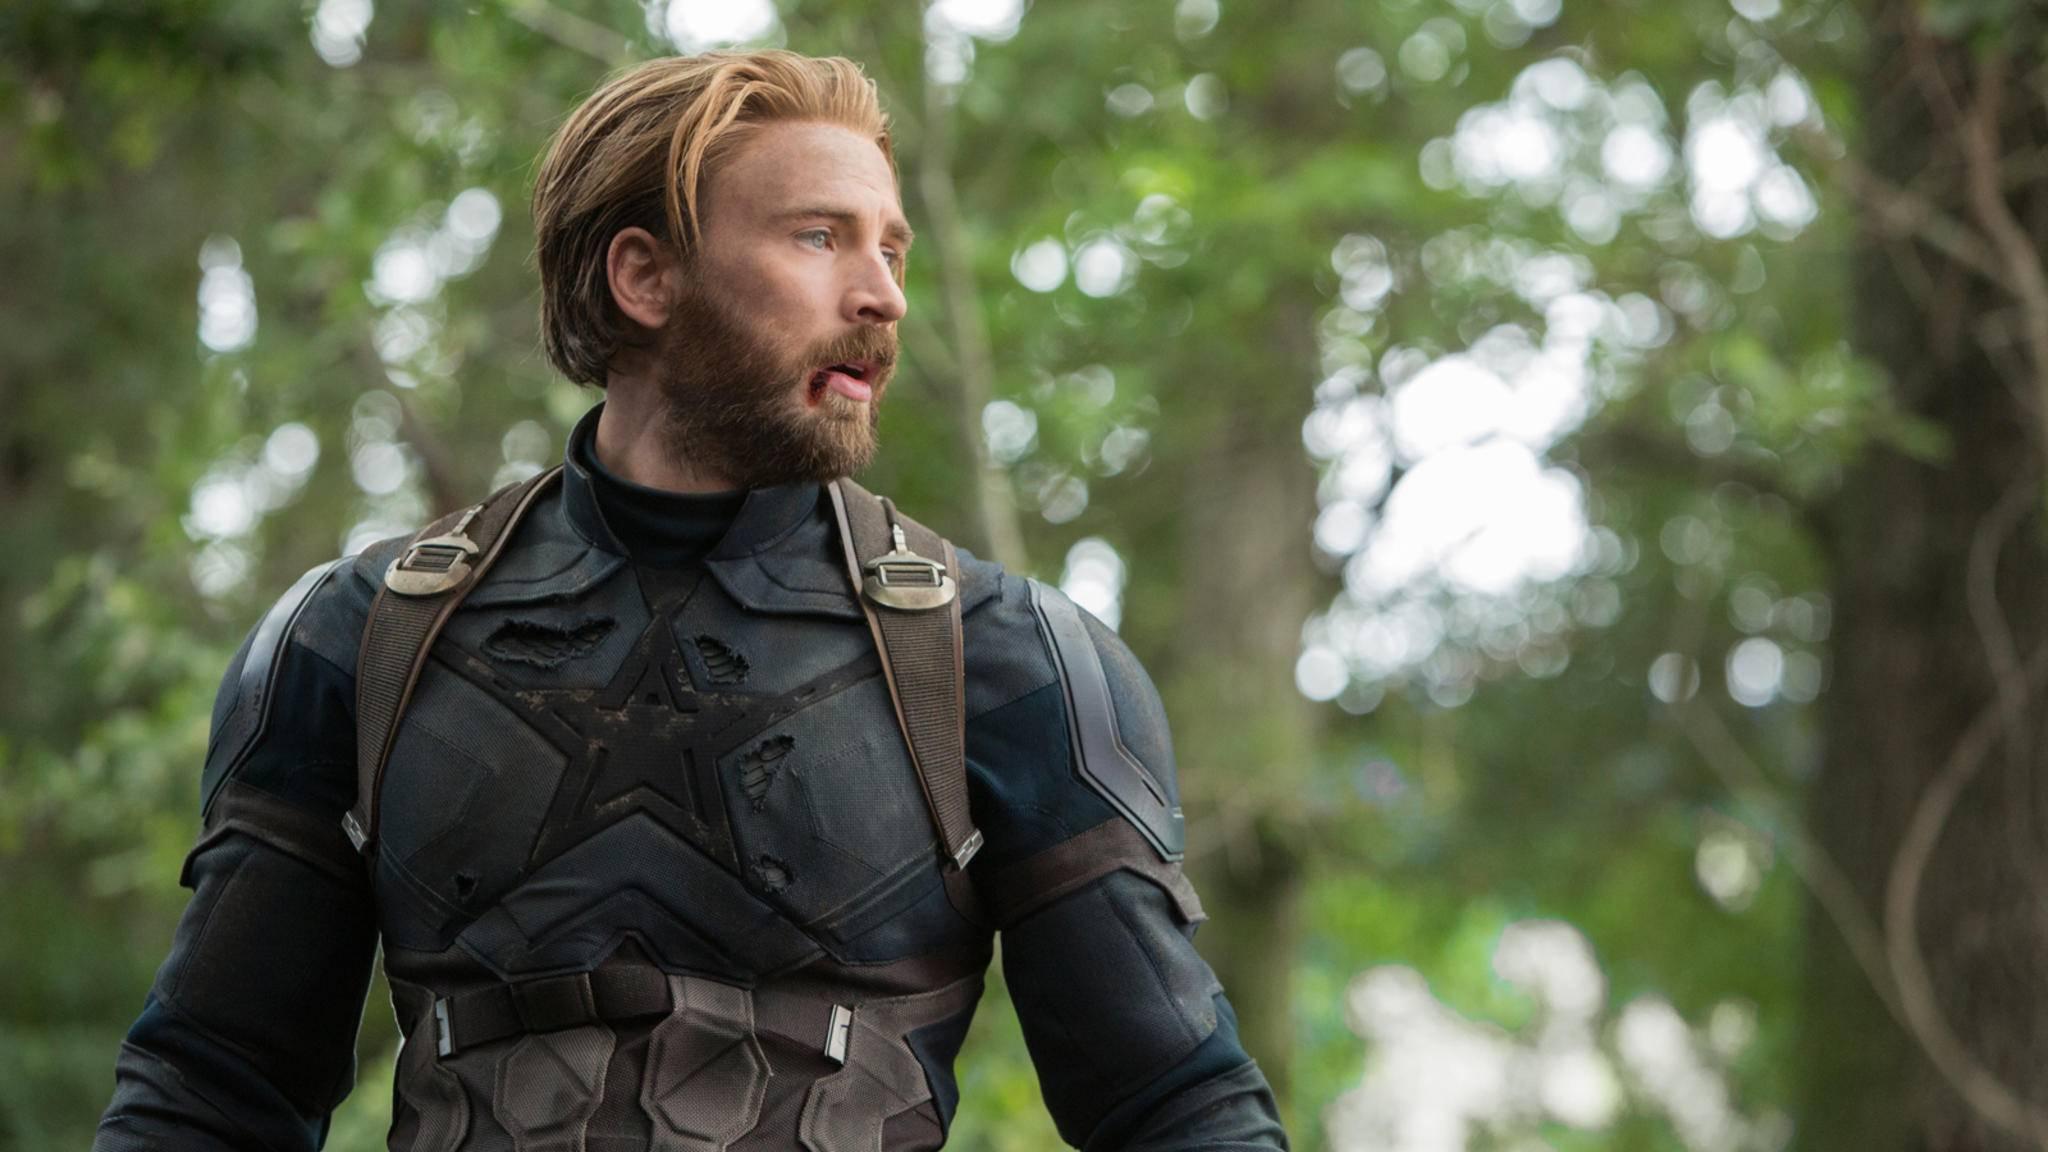 Warte, was? Nicht würdig?! Tja, hätte sich Captain America mal besser an die Regeln gehalten.